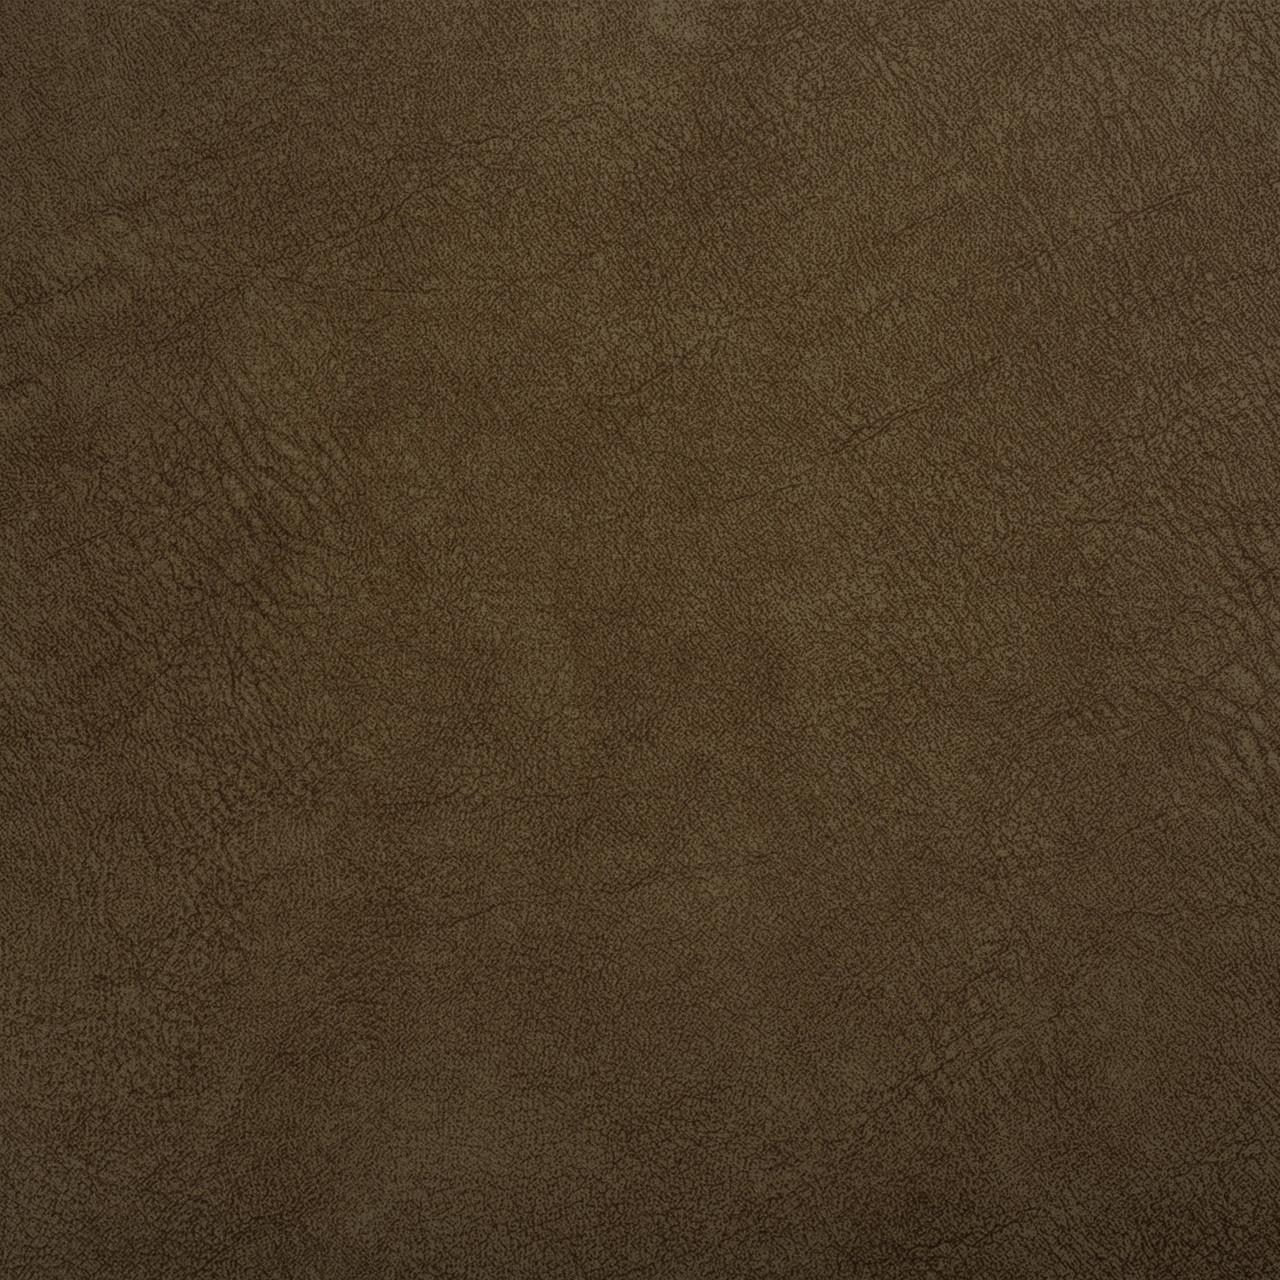 Велюр Крокус, цвет: коричневый